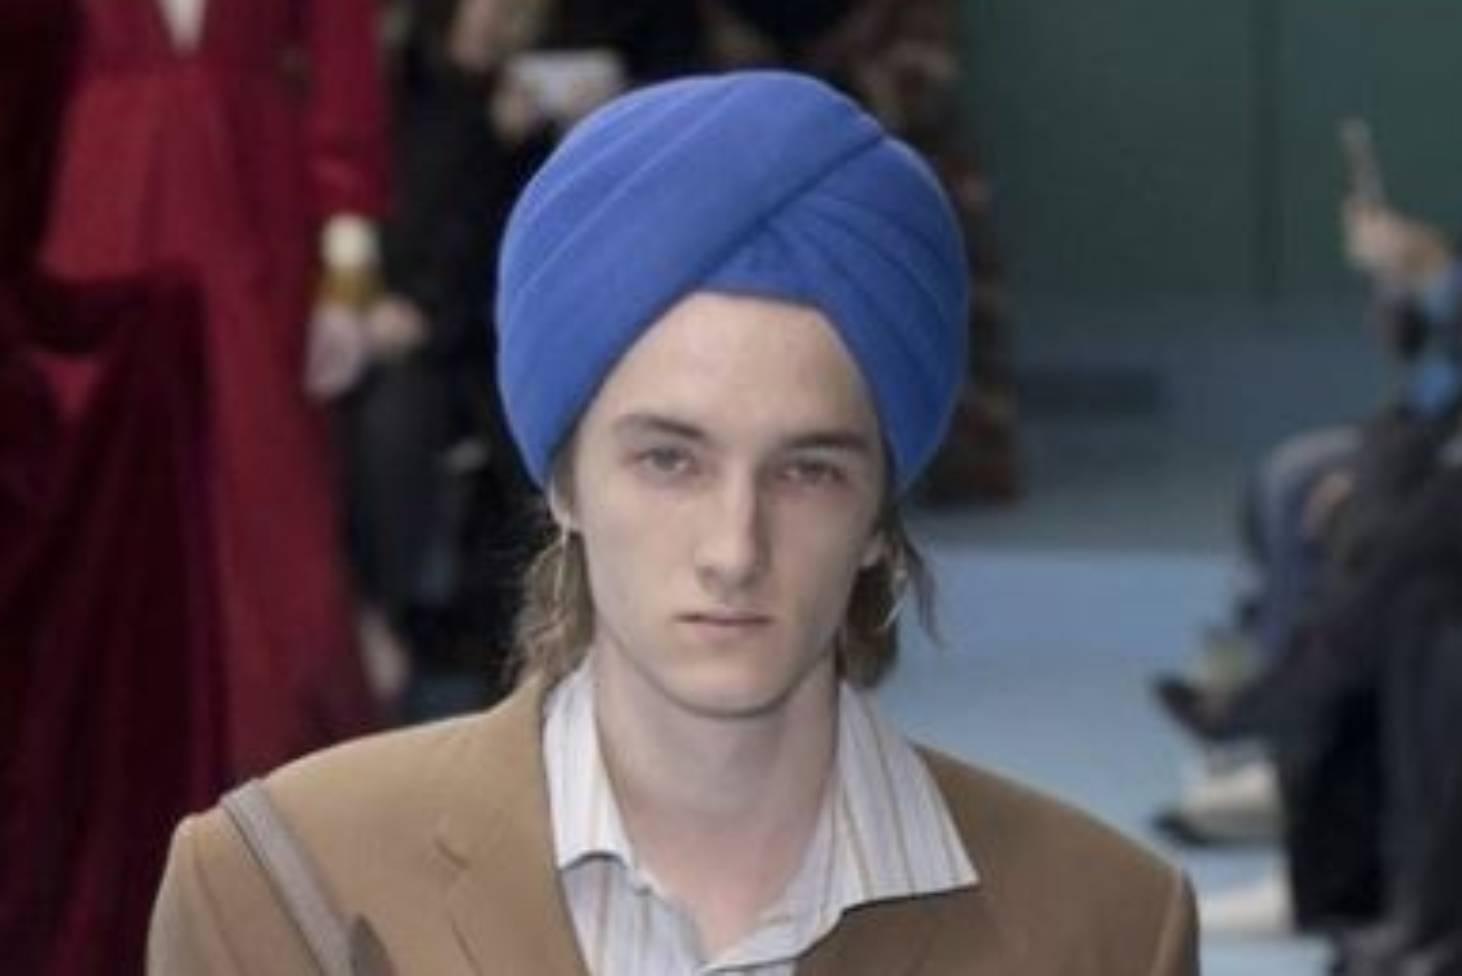 8bbb0a1adb1 'Not a cute fashion accessory': Gucci's $1200 'Indy Full Turban' draws  backlash